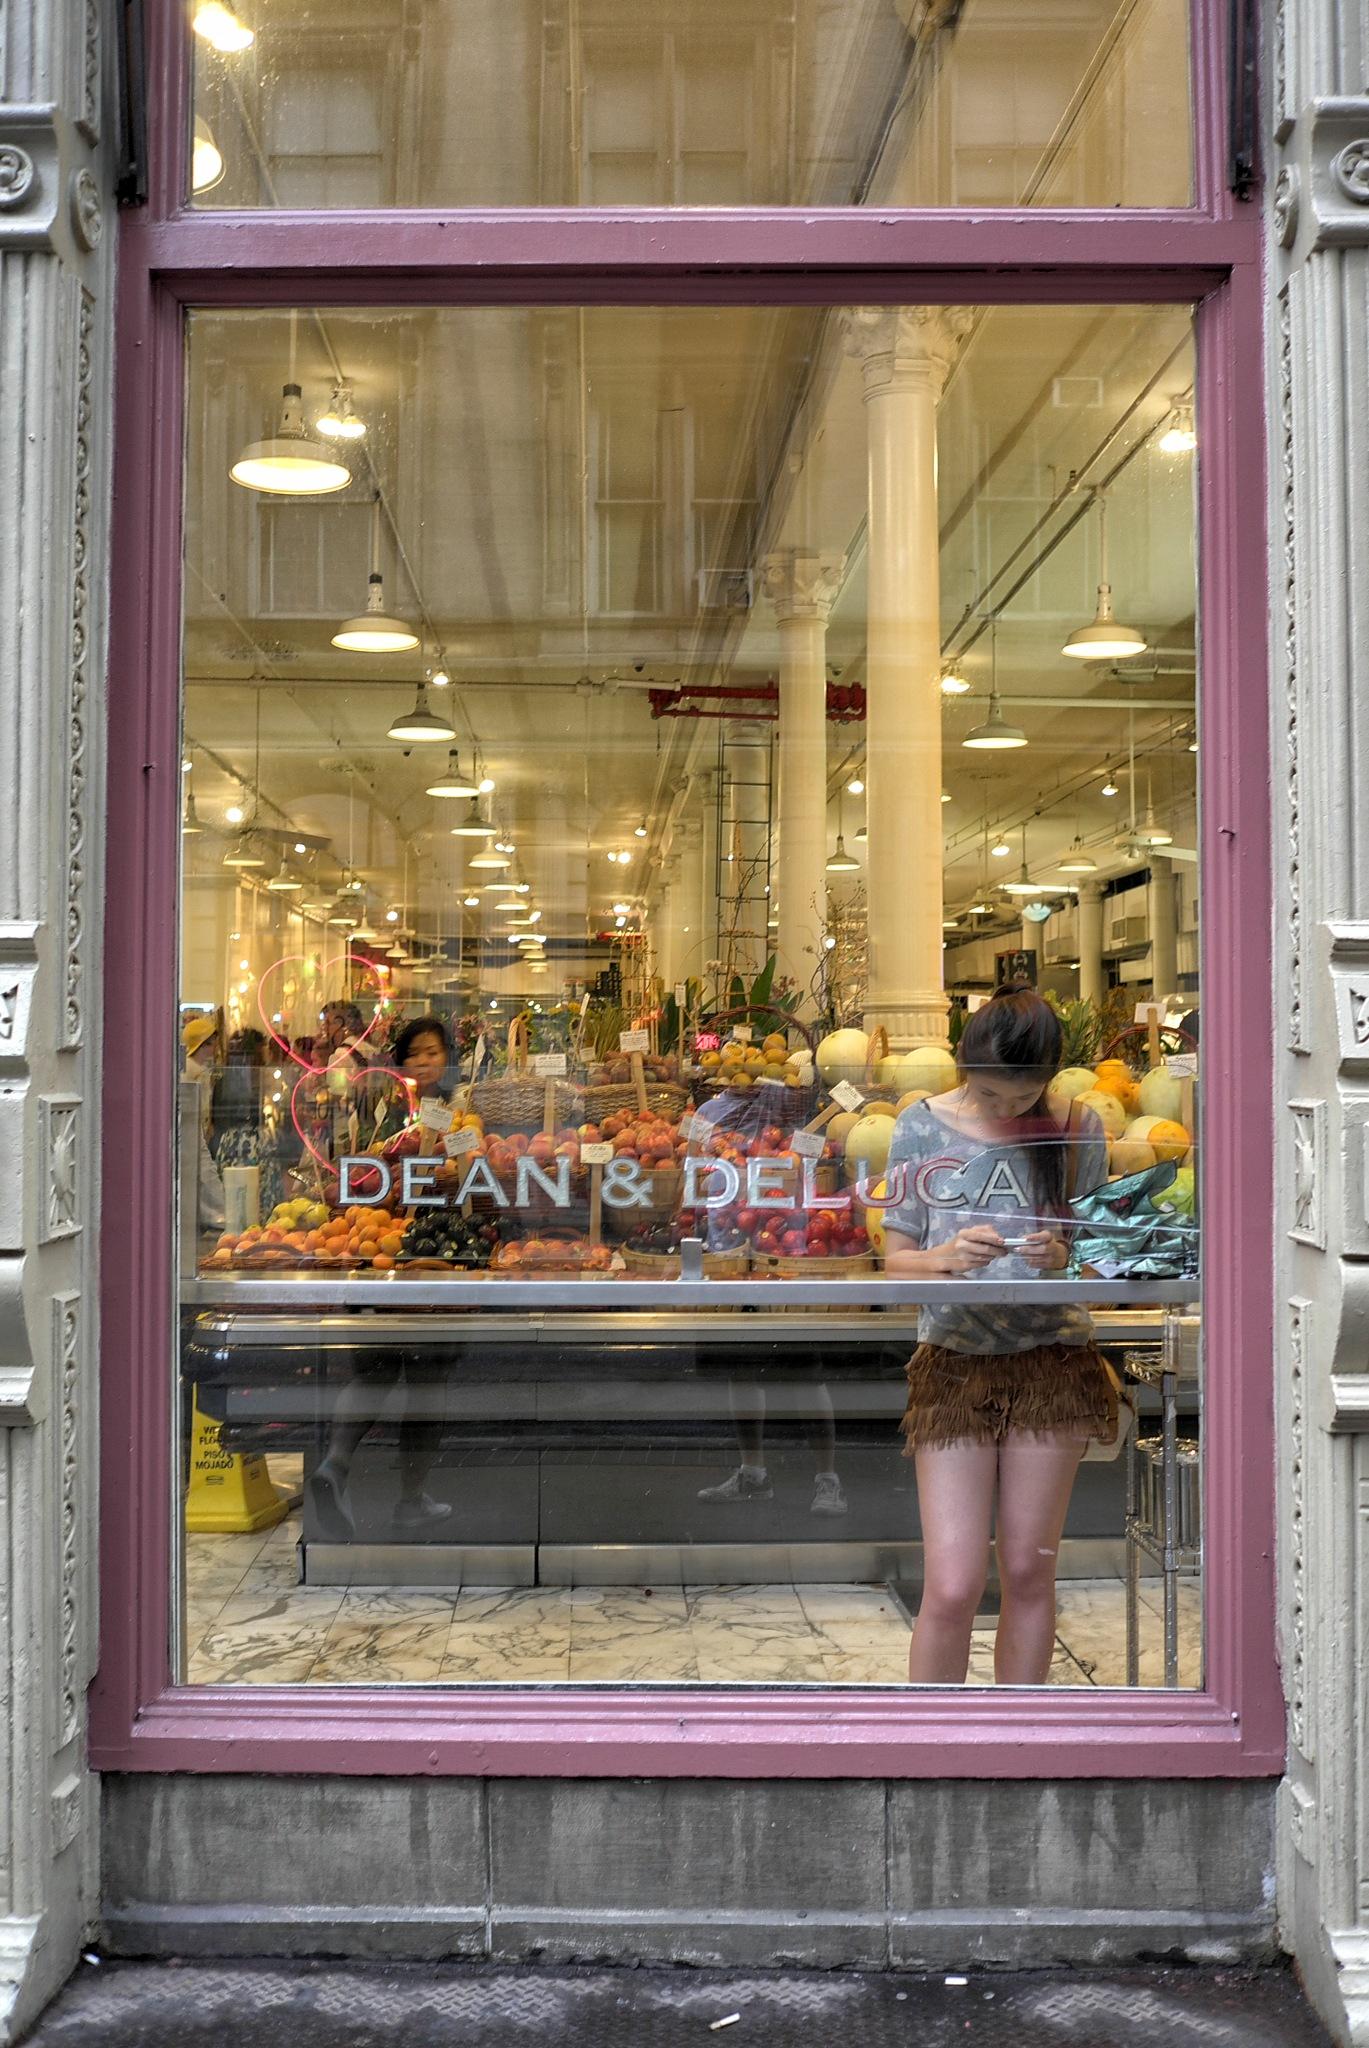 Dean & Deluca by Pedro Paulo